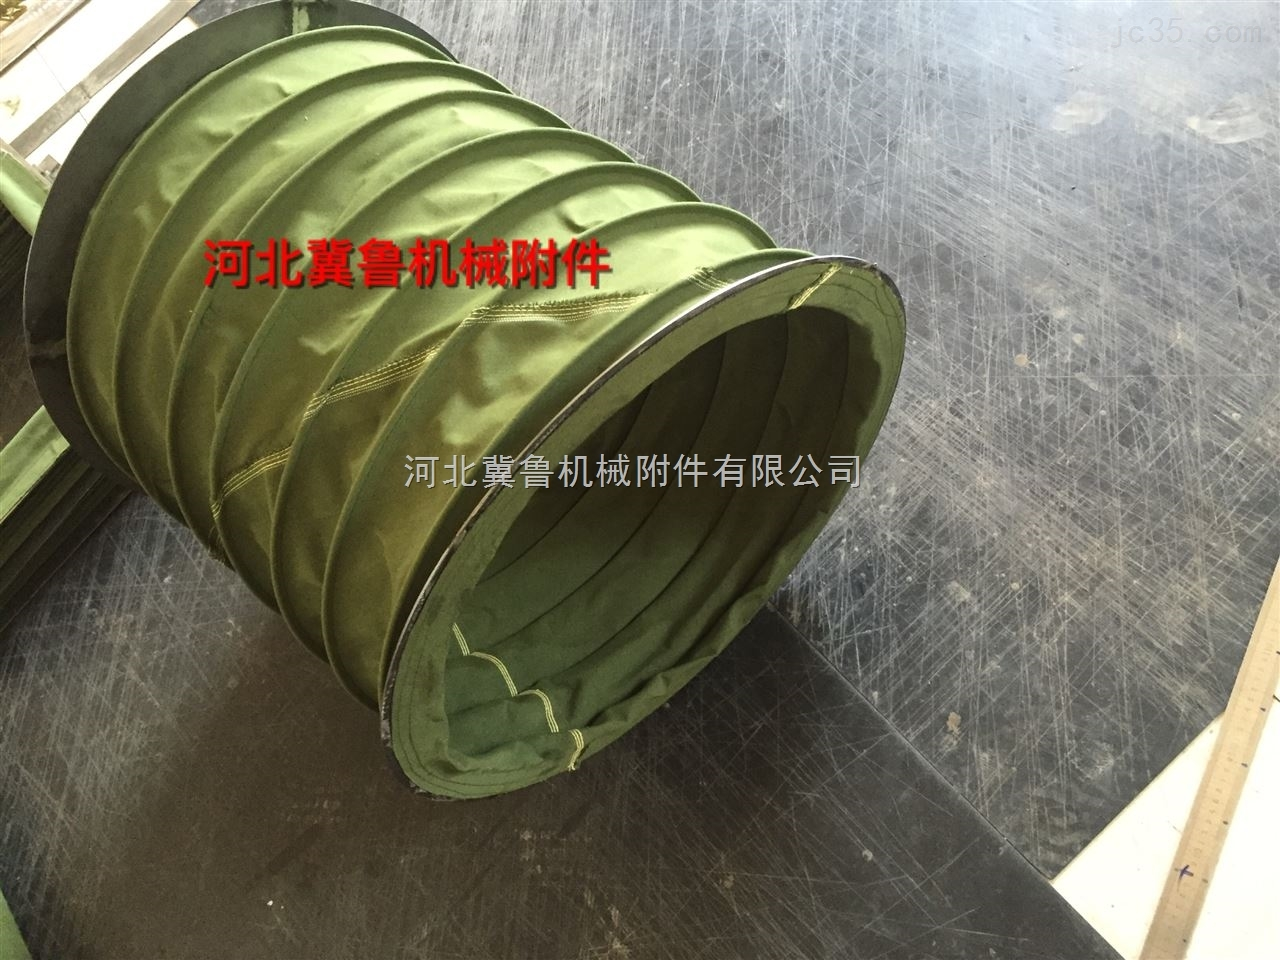 使用寿命长的防腐风机帆布软连接